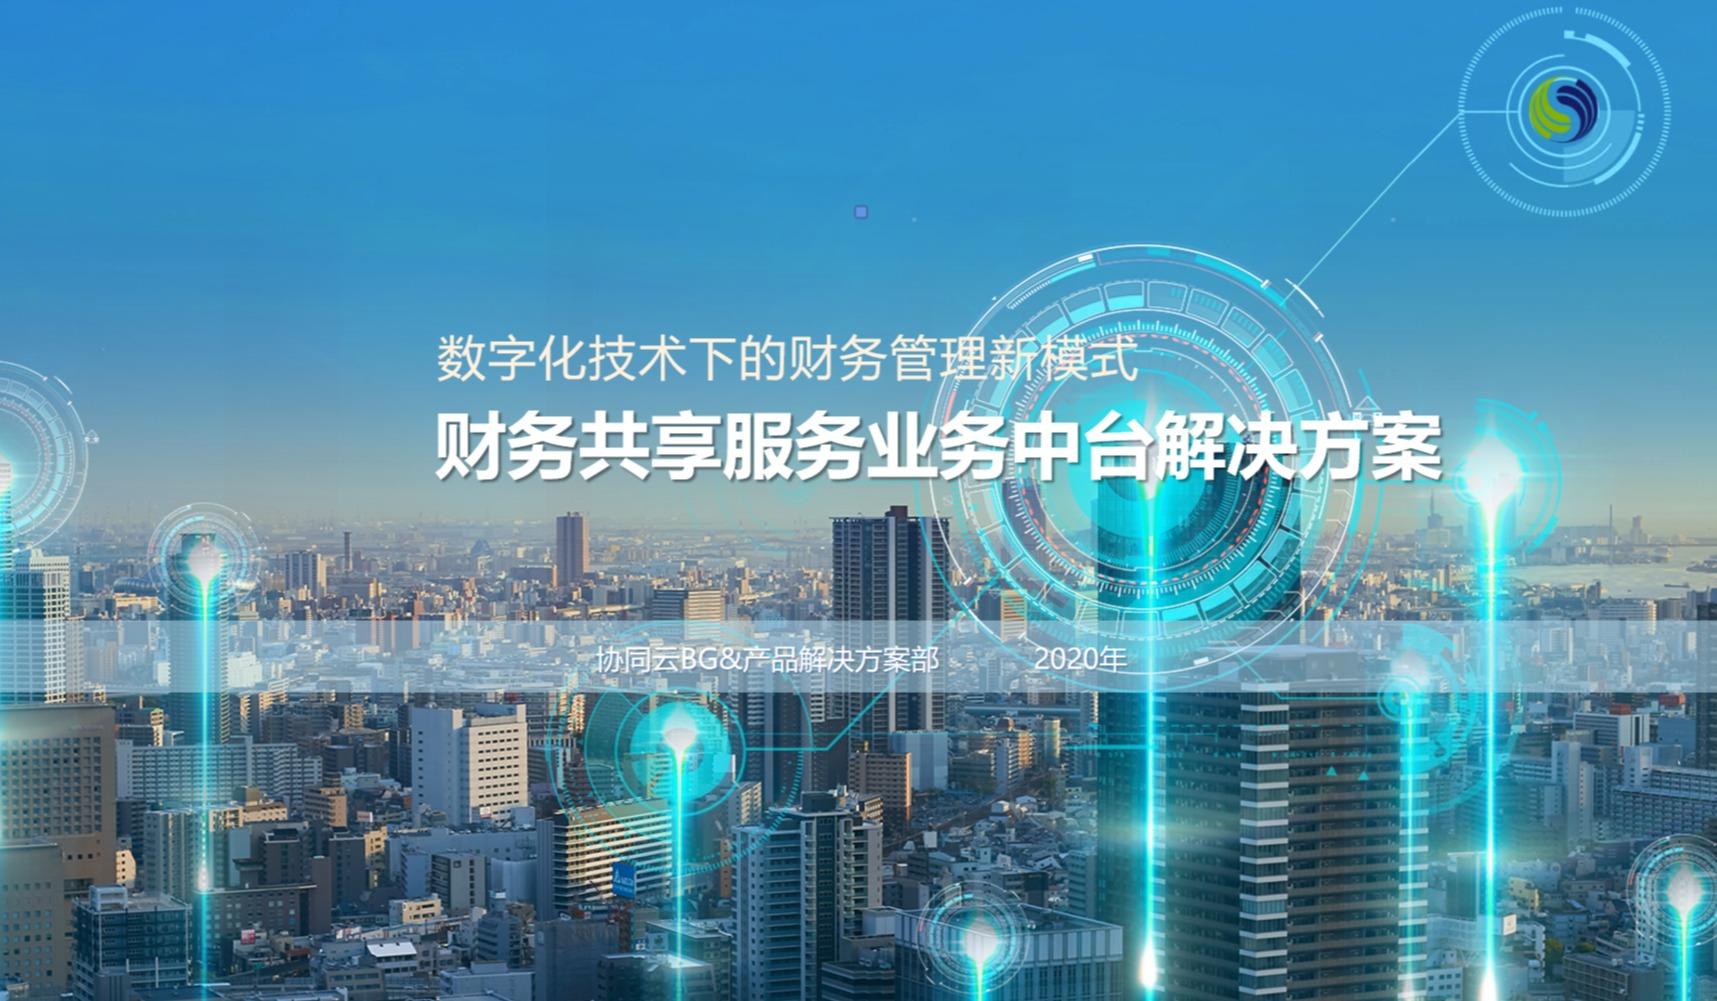 【预约领取】致远互联财务共享服务业务中台解决方案